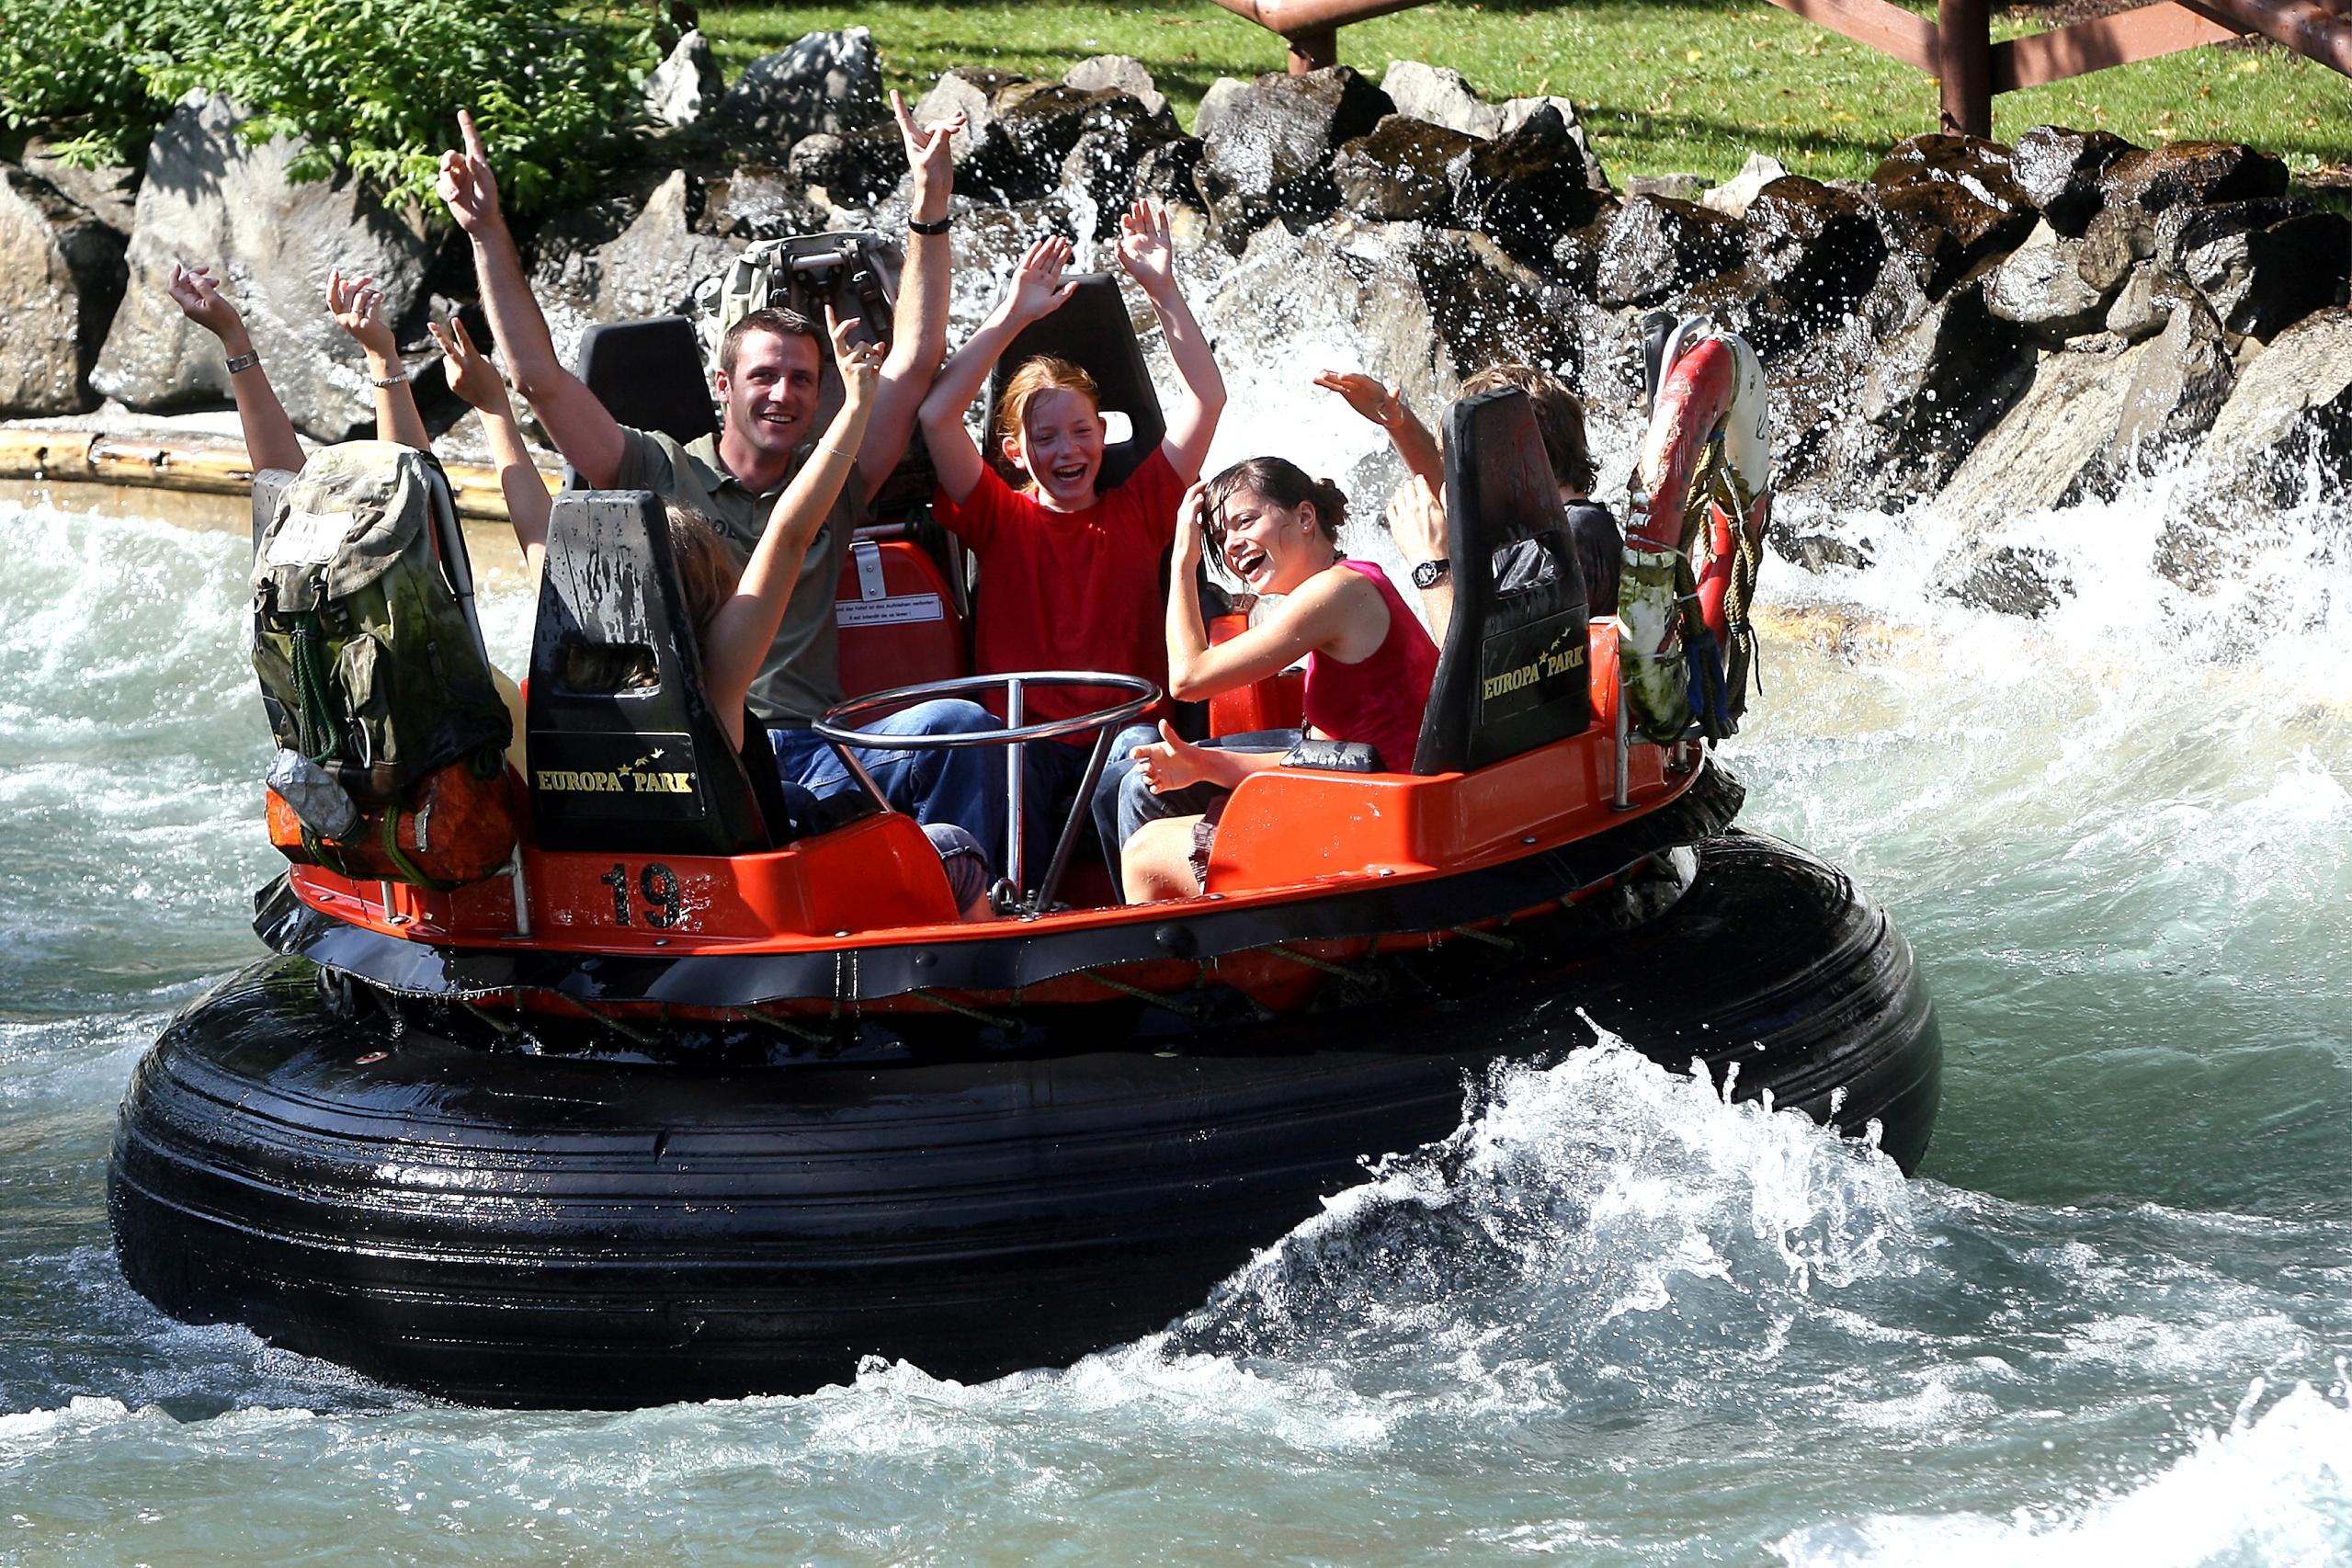 europapark, europa-park, erfahrungsbericht, wochenende, unterkuenfte, fazit, rust, highlights, fjord, rafting